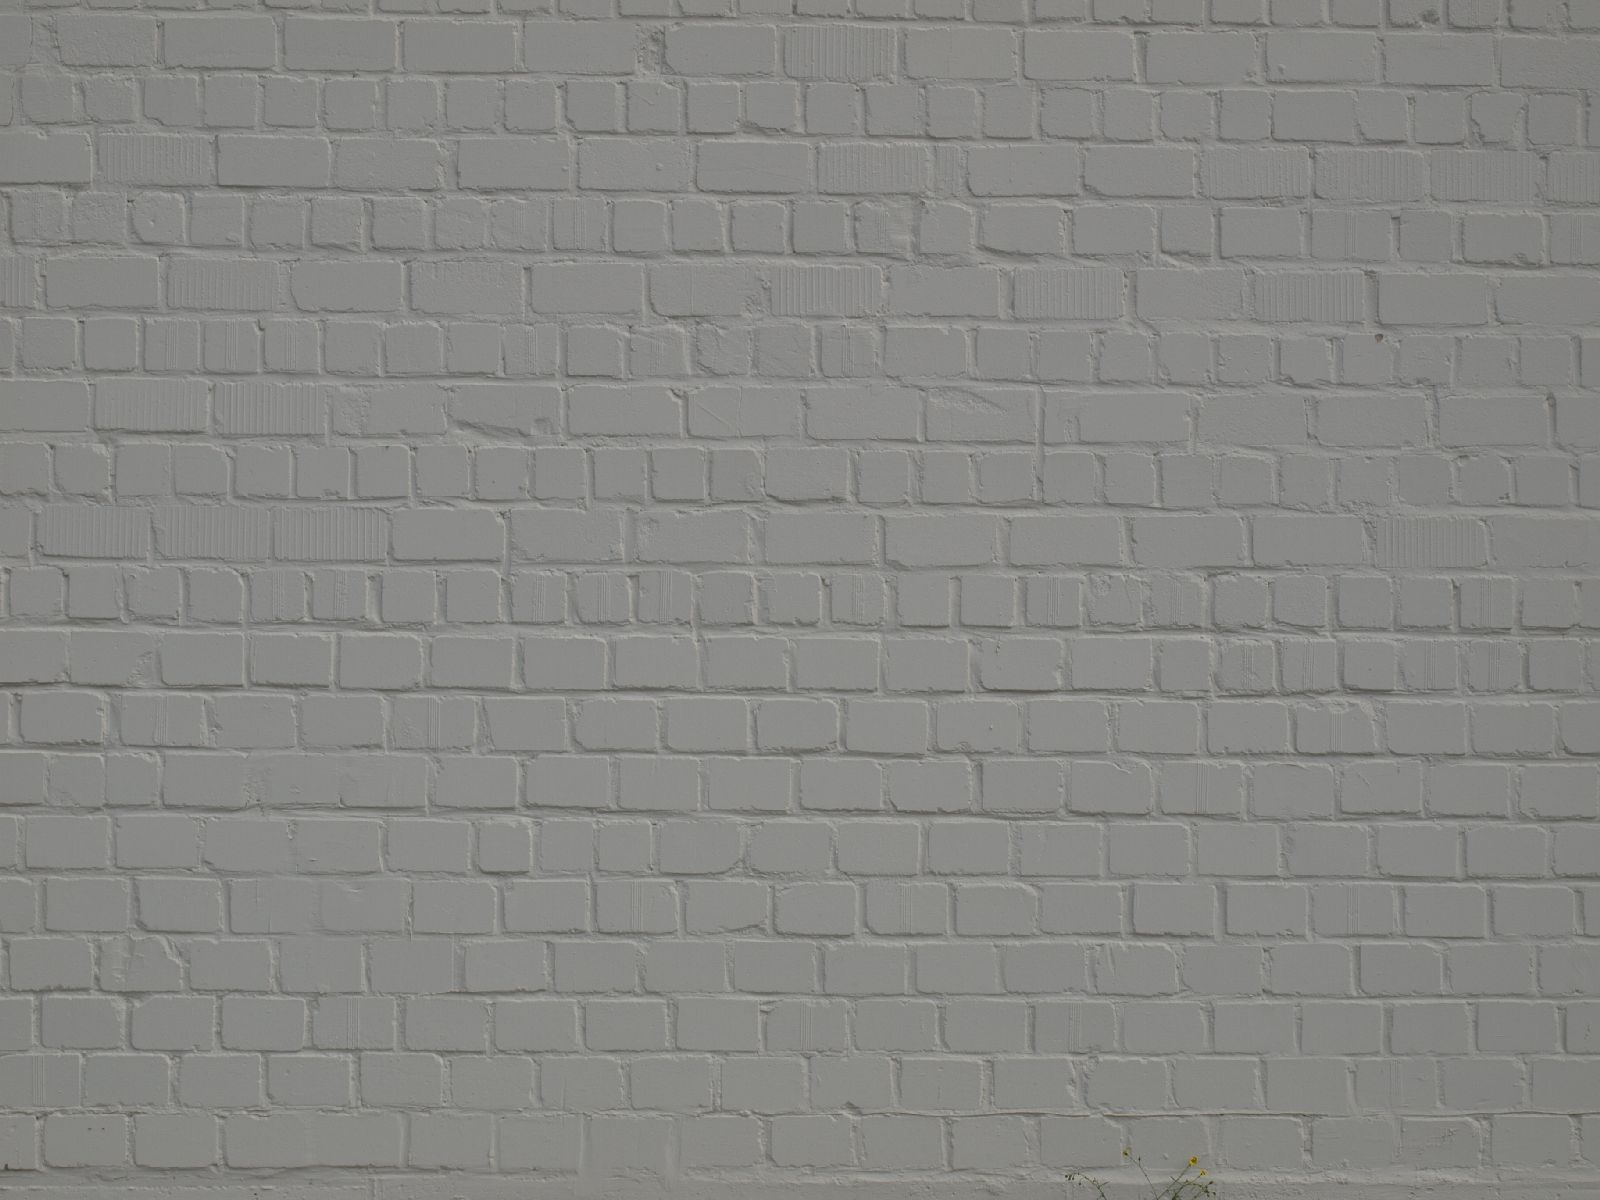 Brick_Texture_A_P9209789